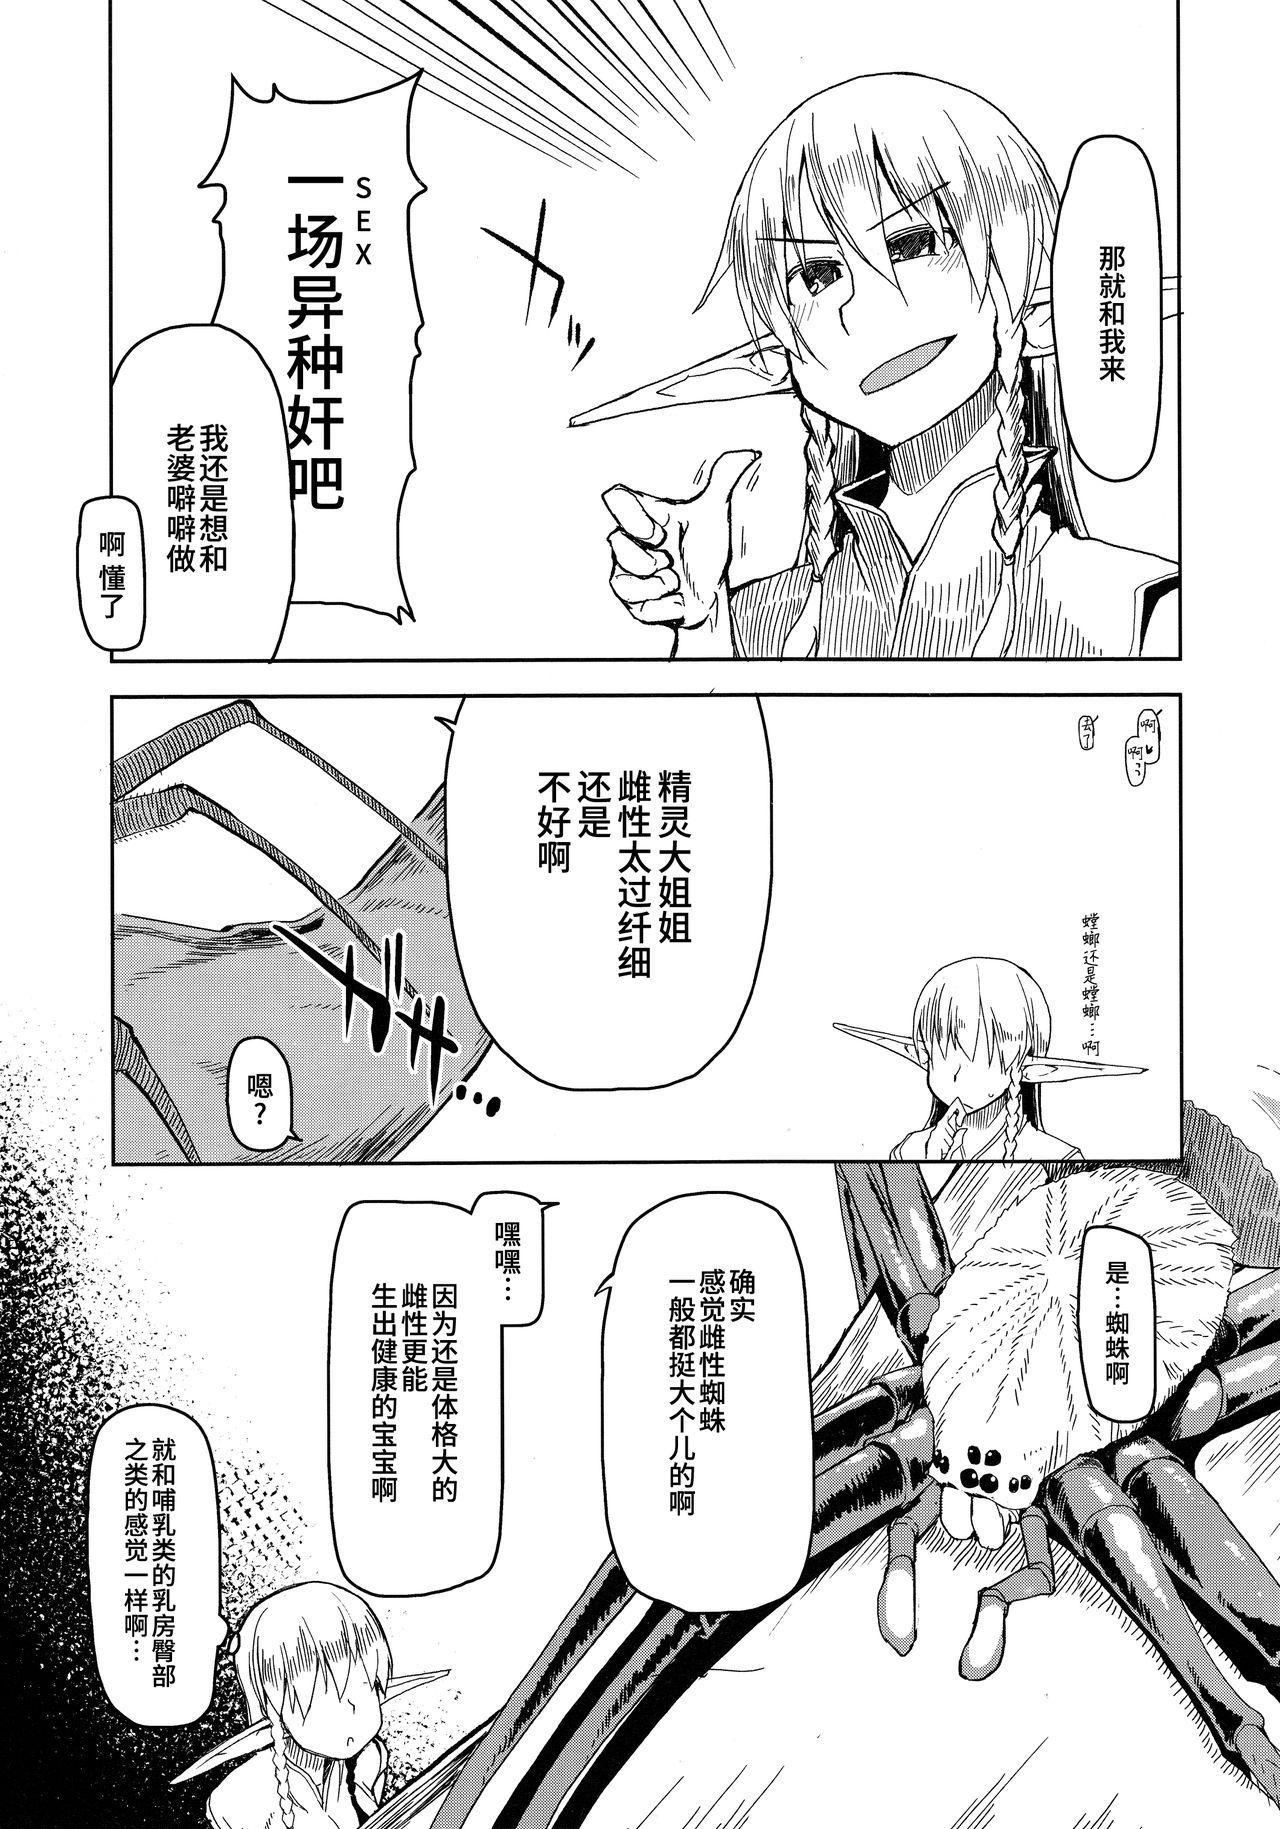 Dosukebe Elf no Ishukan Nikki 5 7